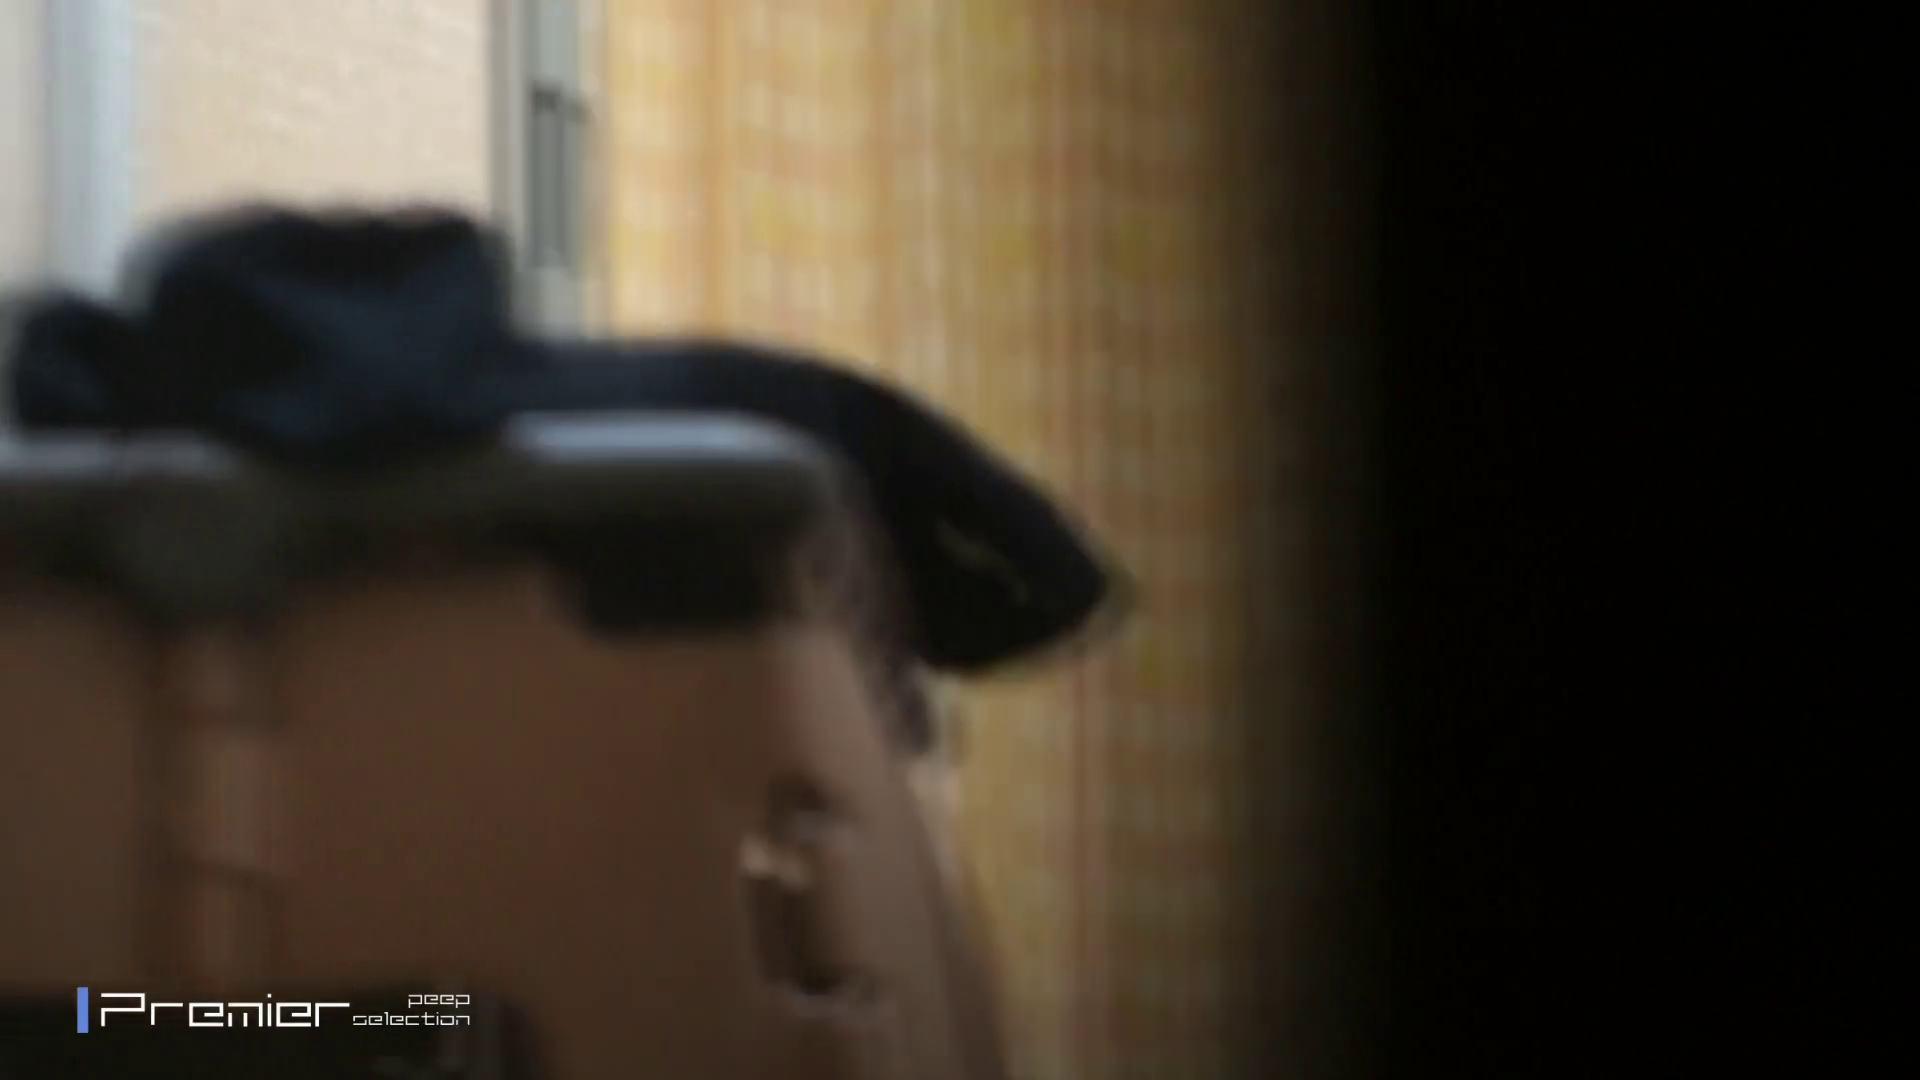 再生38分!マン毛剛毛超絶美女の私生活 美女達の私生活に潜入! 高画質 盗撮おめこ無修正動画無料 94連発 17